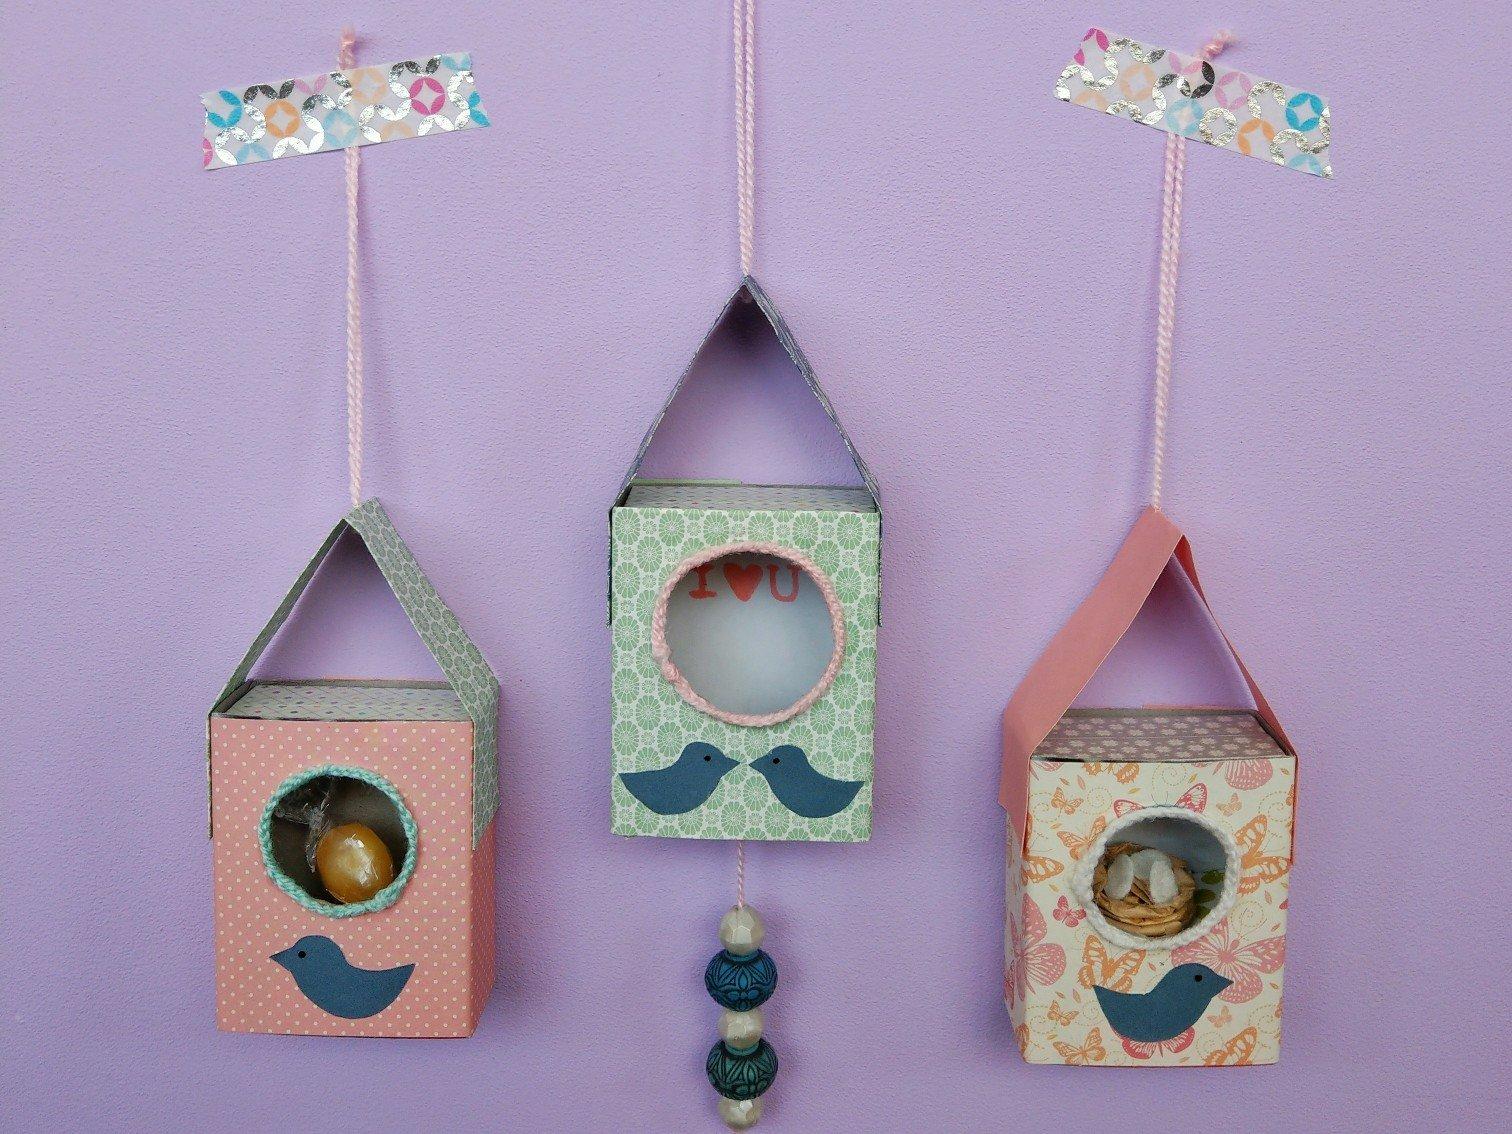 Vogelhaus aus Streichholzschachteln – süße Deko-Idee zum verschenken